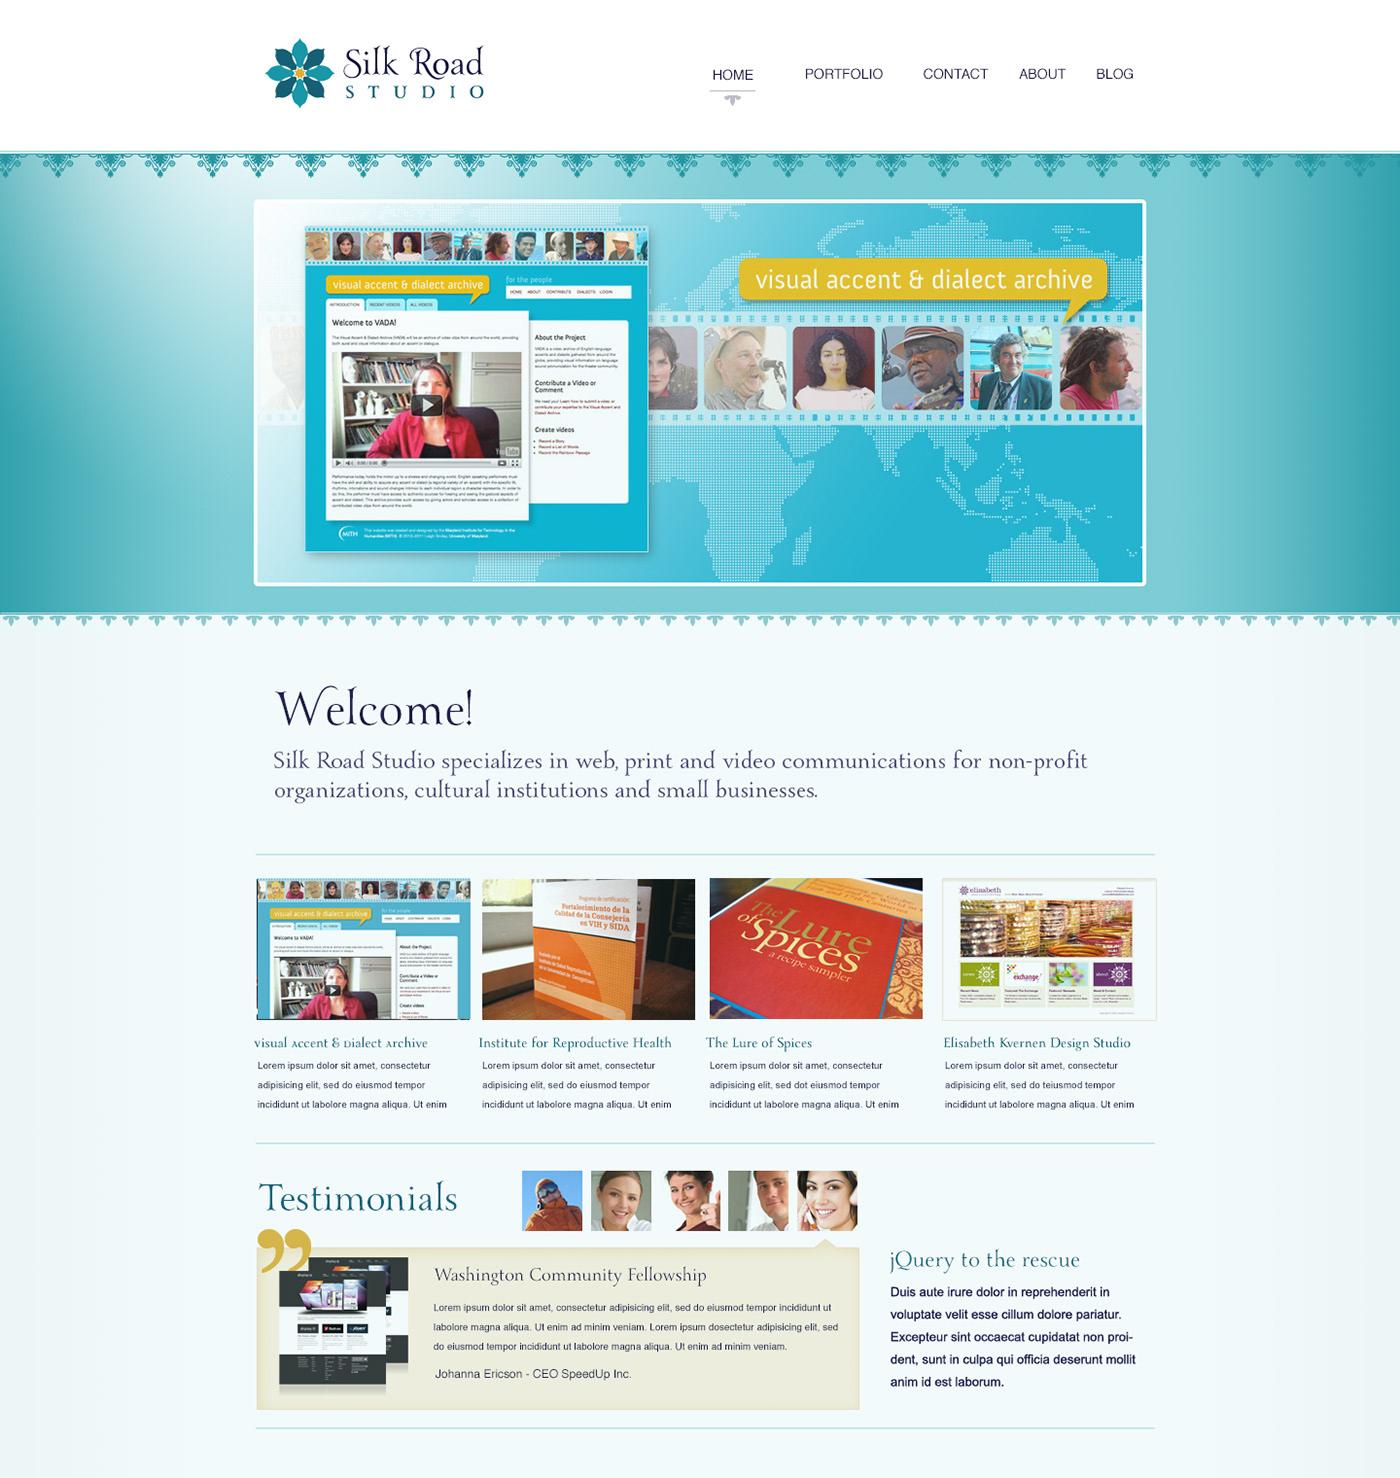 Silk Road Studio website